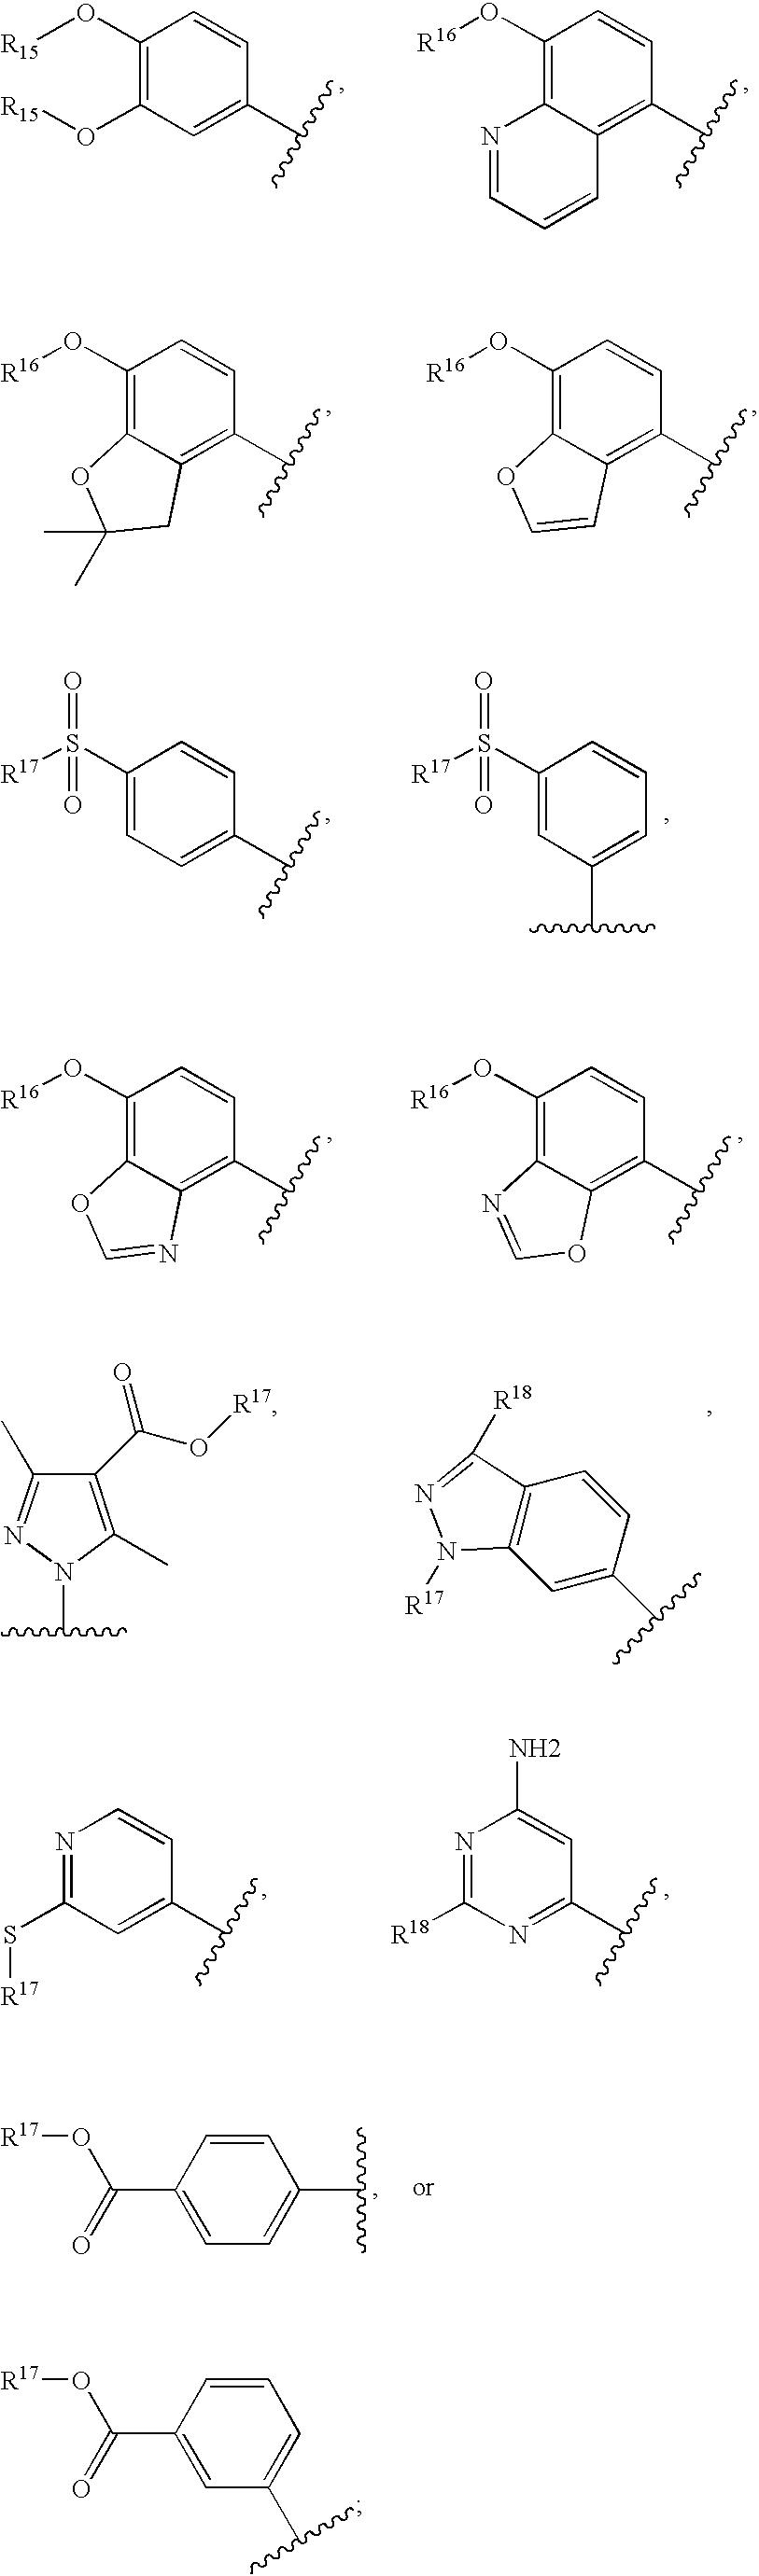 Figure US20060100218A1-20060511-C00009